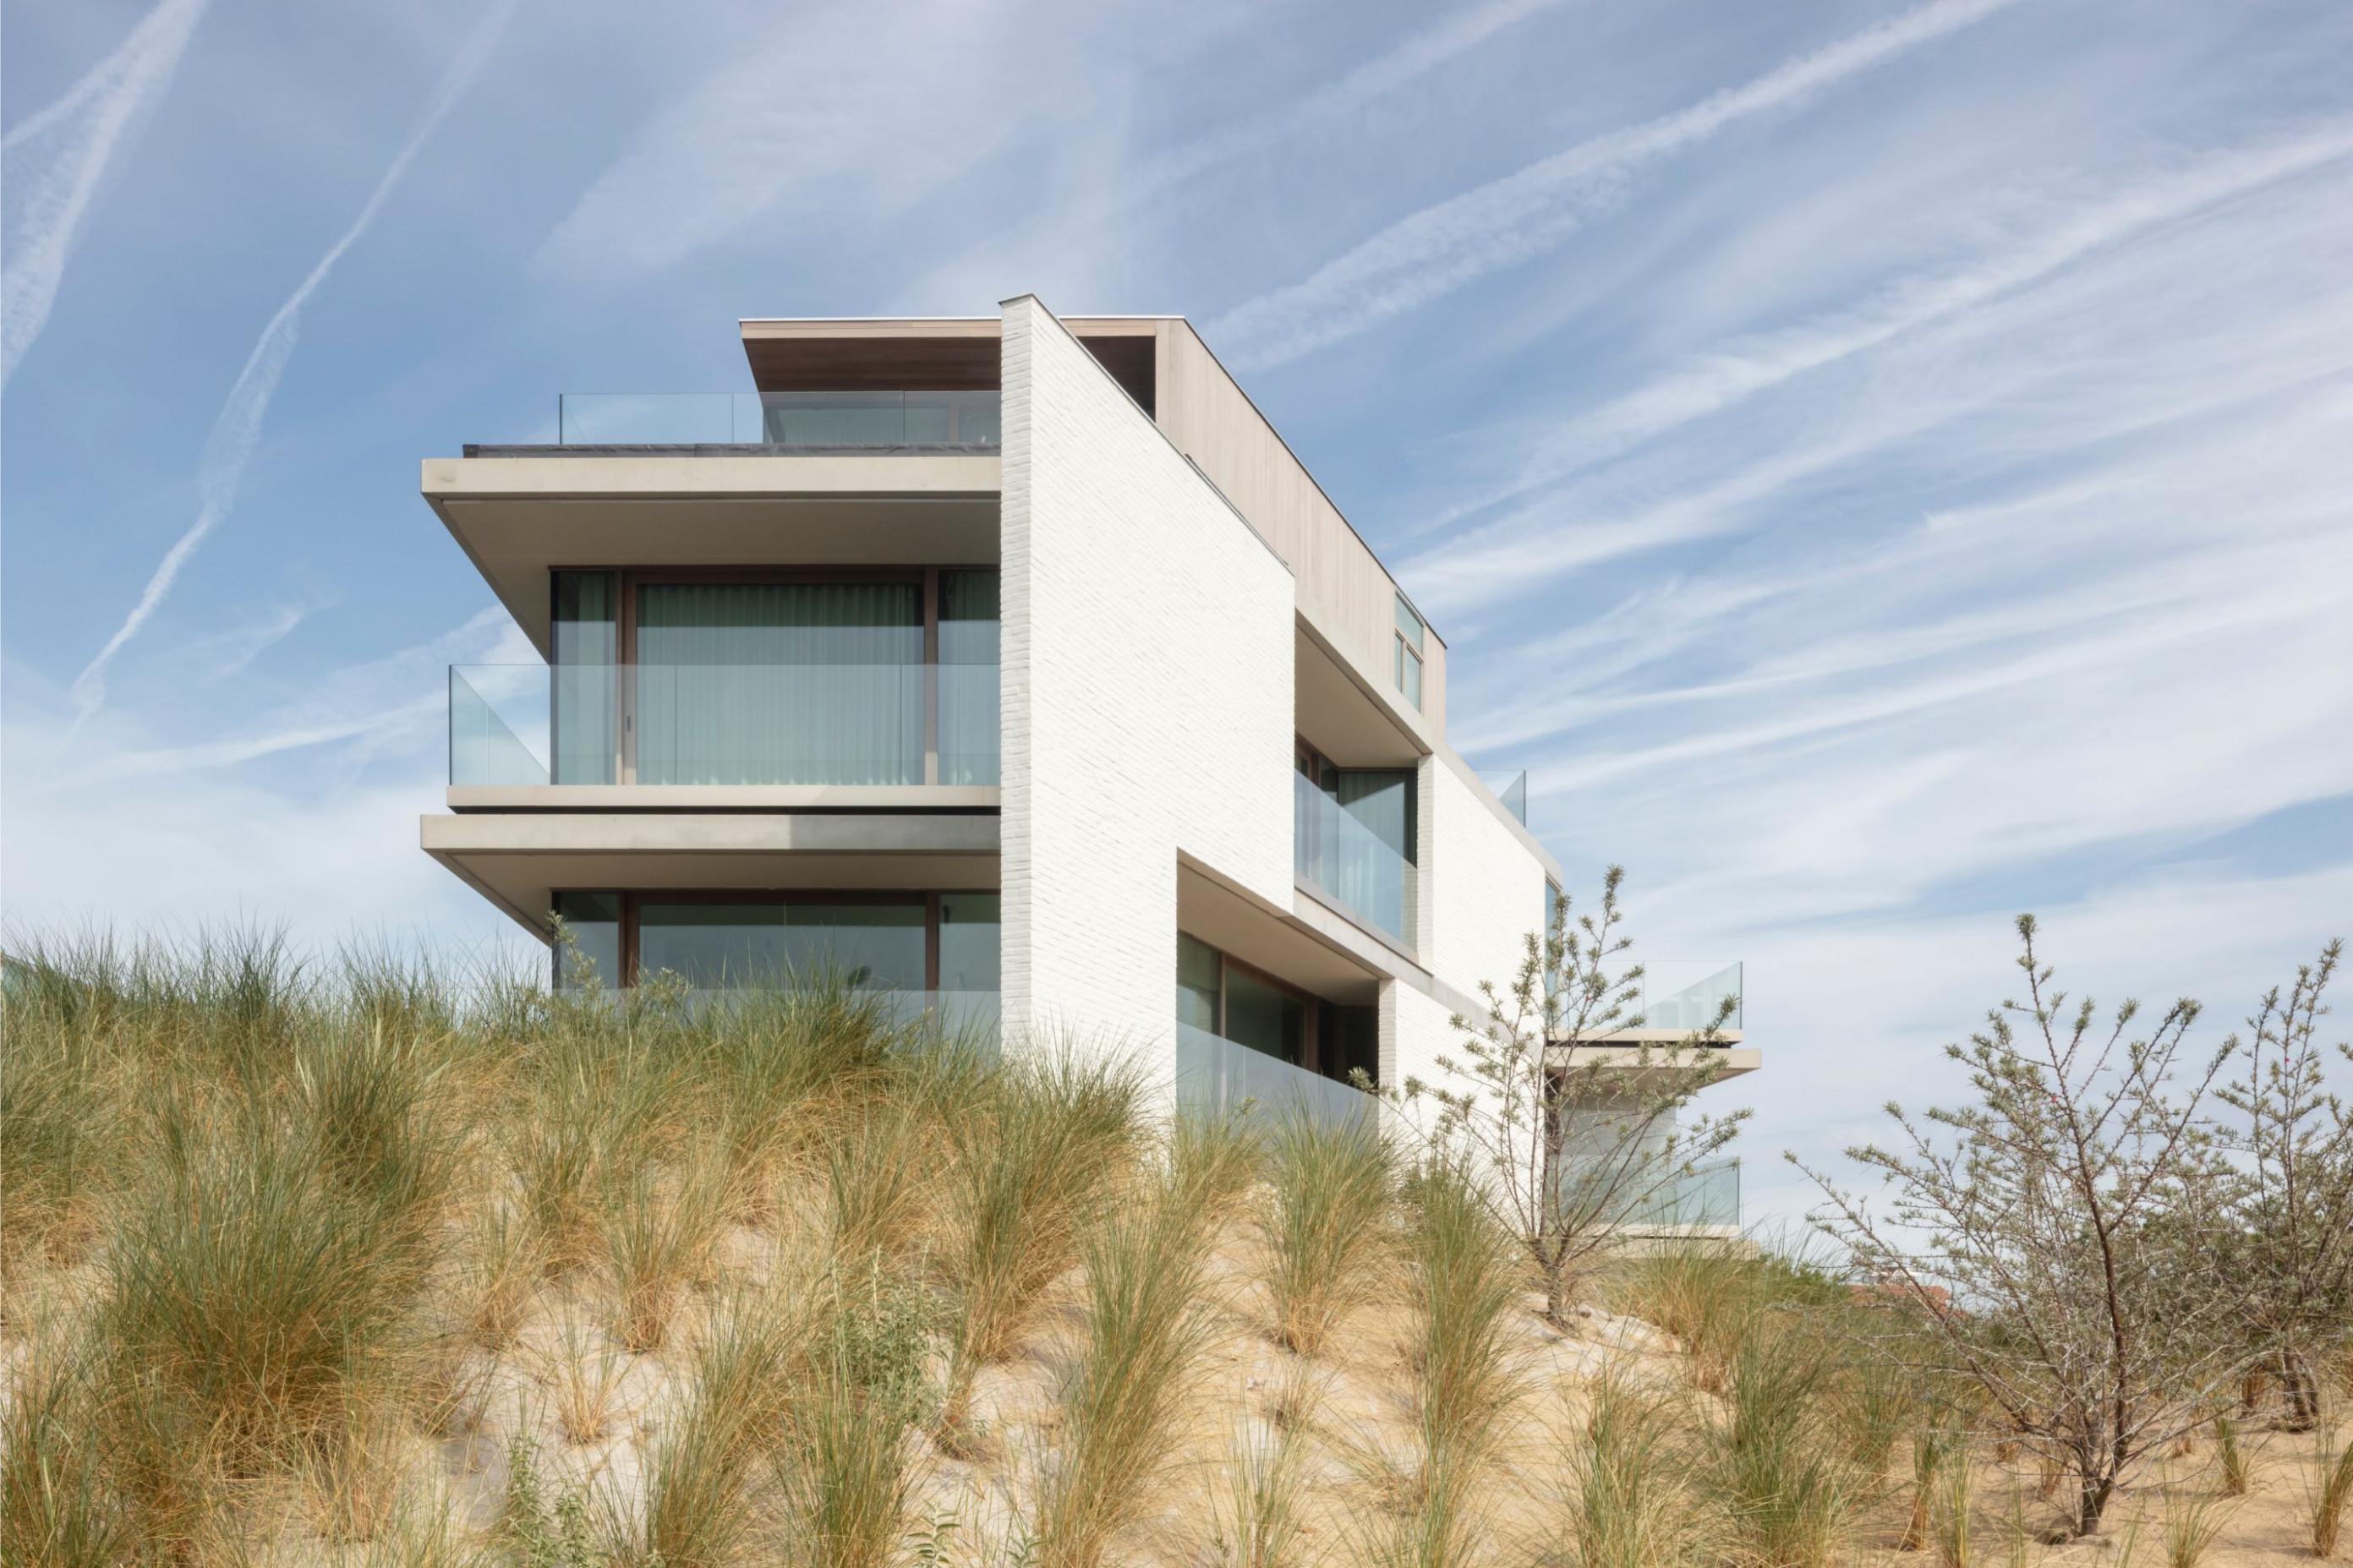 Hans Wegner - Rietveldprojects - Koksijde - Tvdv14.jpg